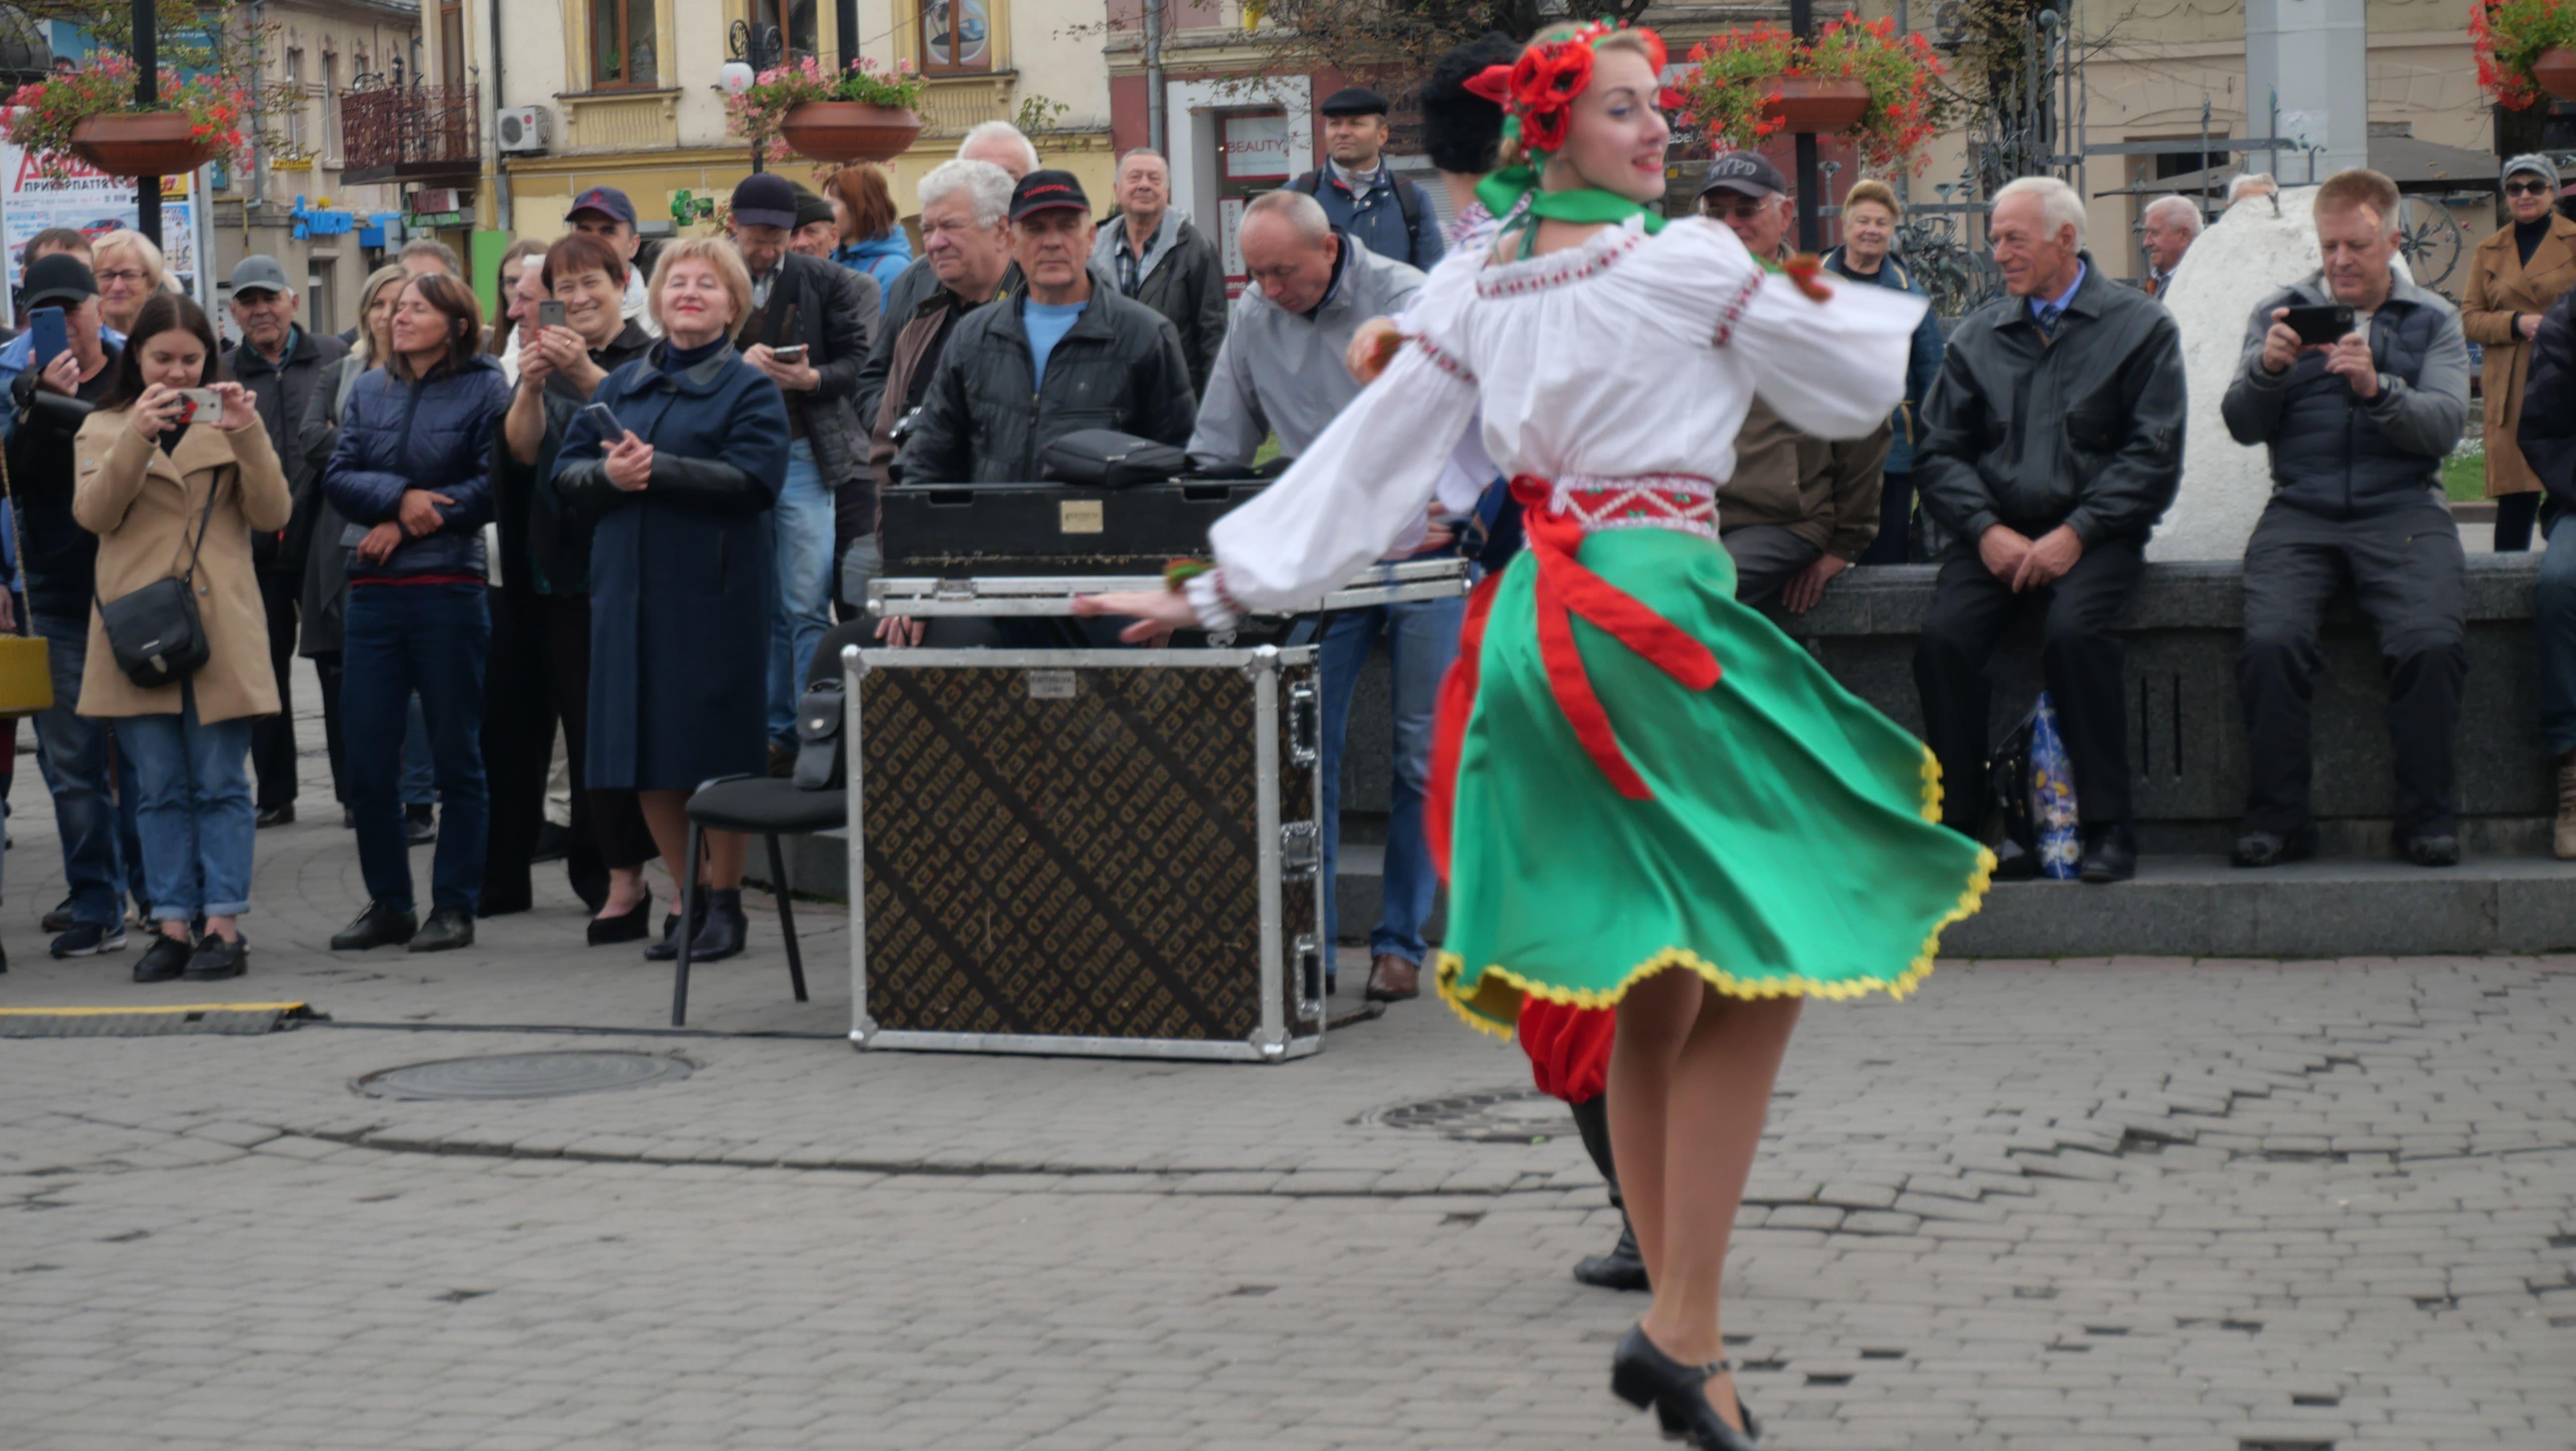 Військовий оркестр з Одеси подарував франківцям неймовірний концерт біля ратуші 6